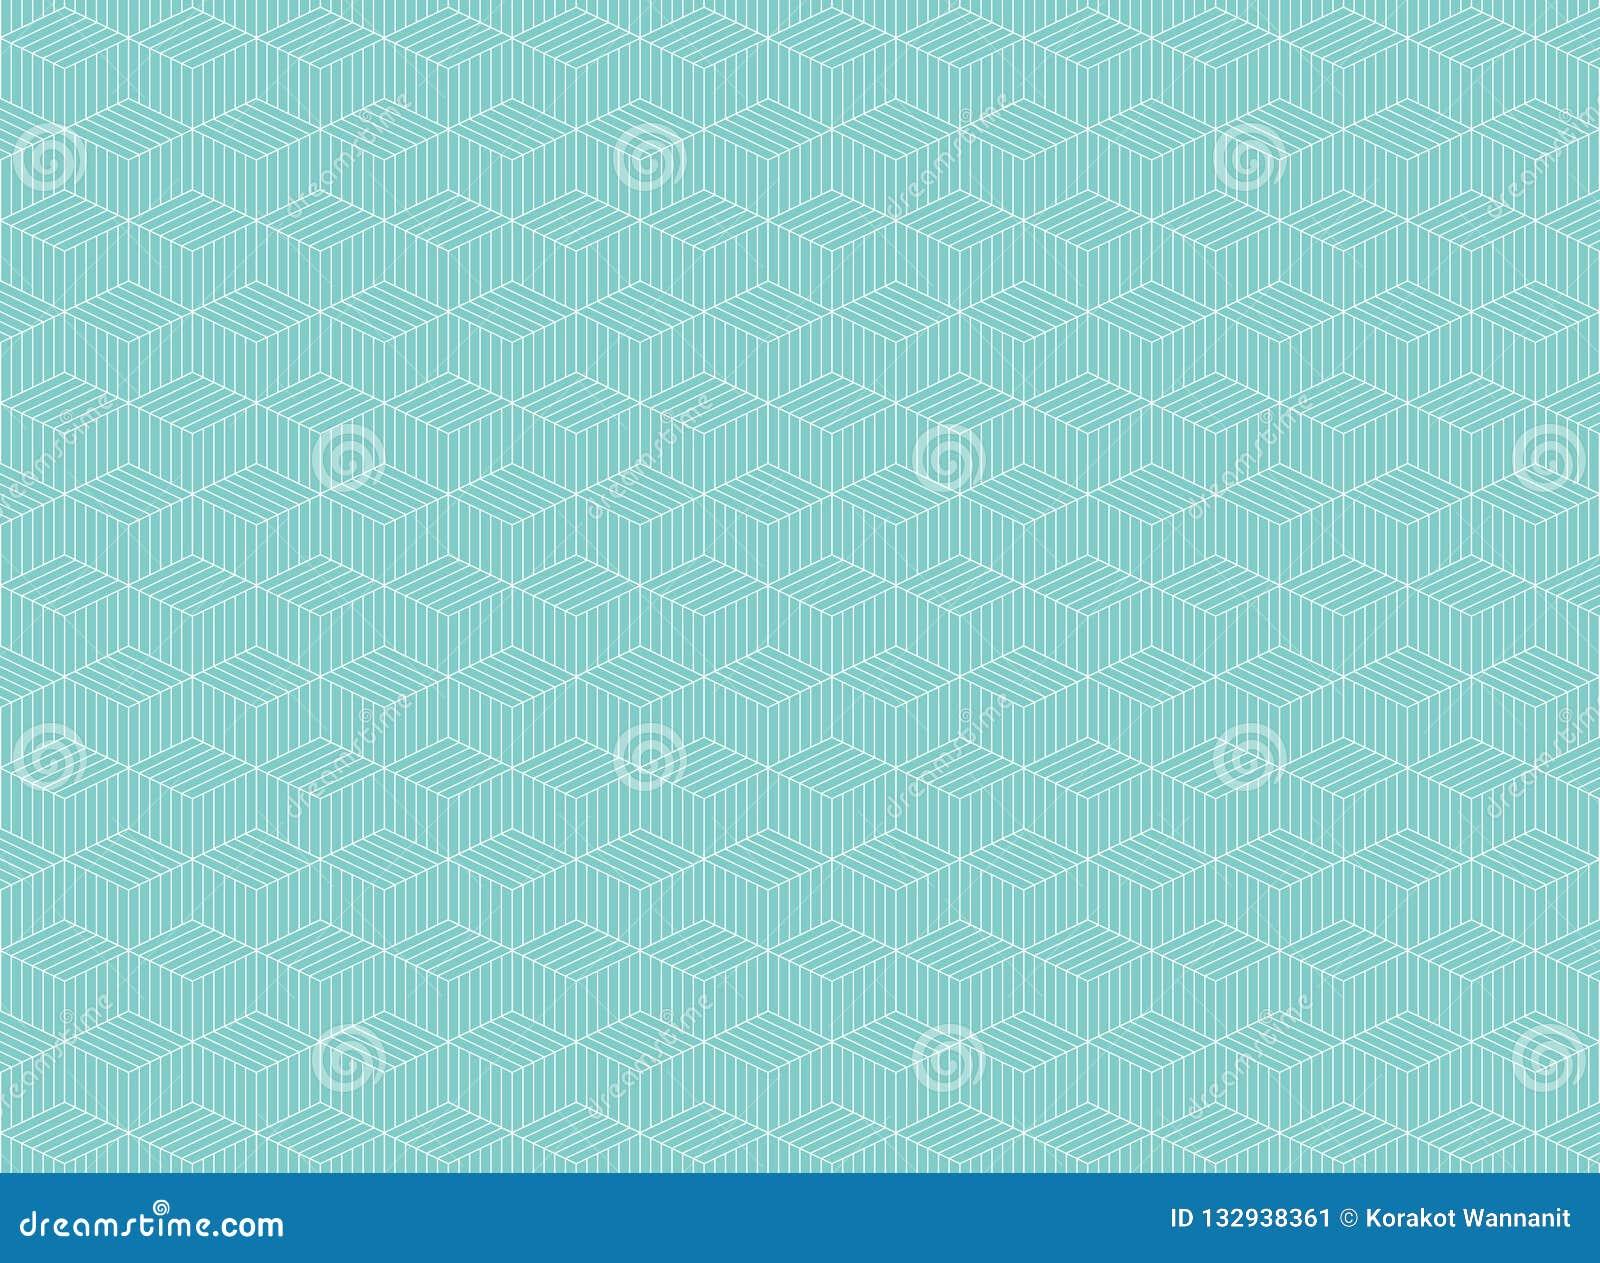 Περίληψη του μπλε σχεδίου γραμμών λωρίδων του υποβάθρου op AR τρεκλίσματος